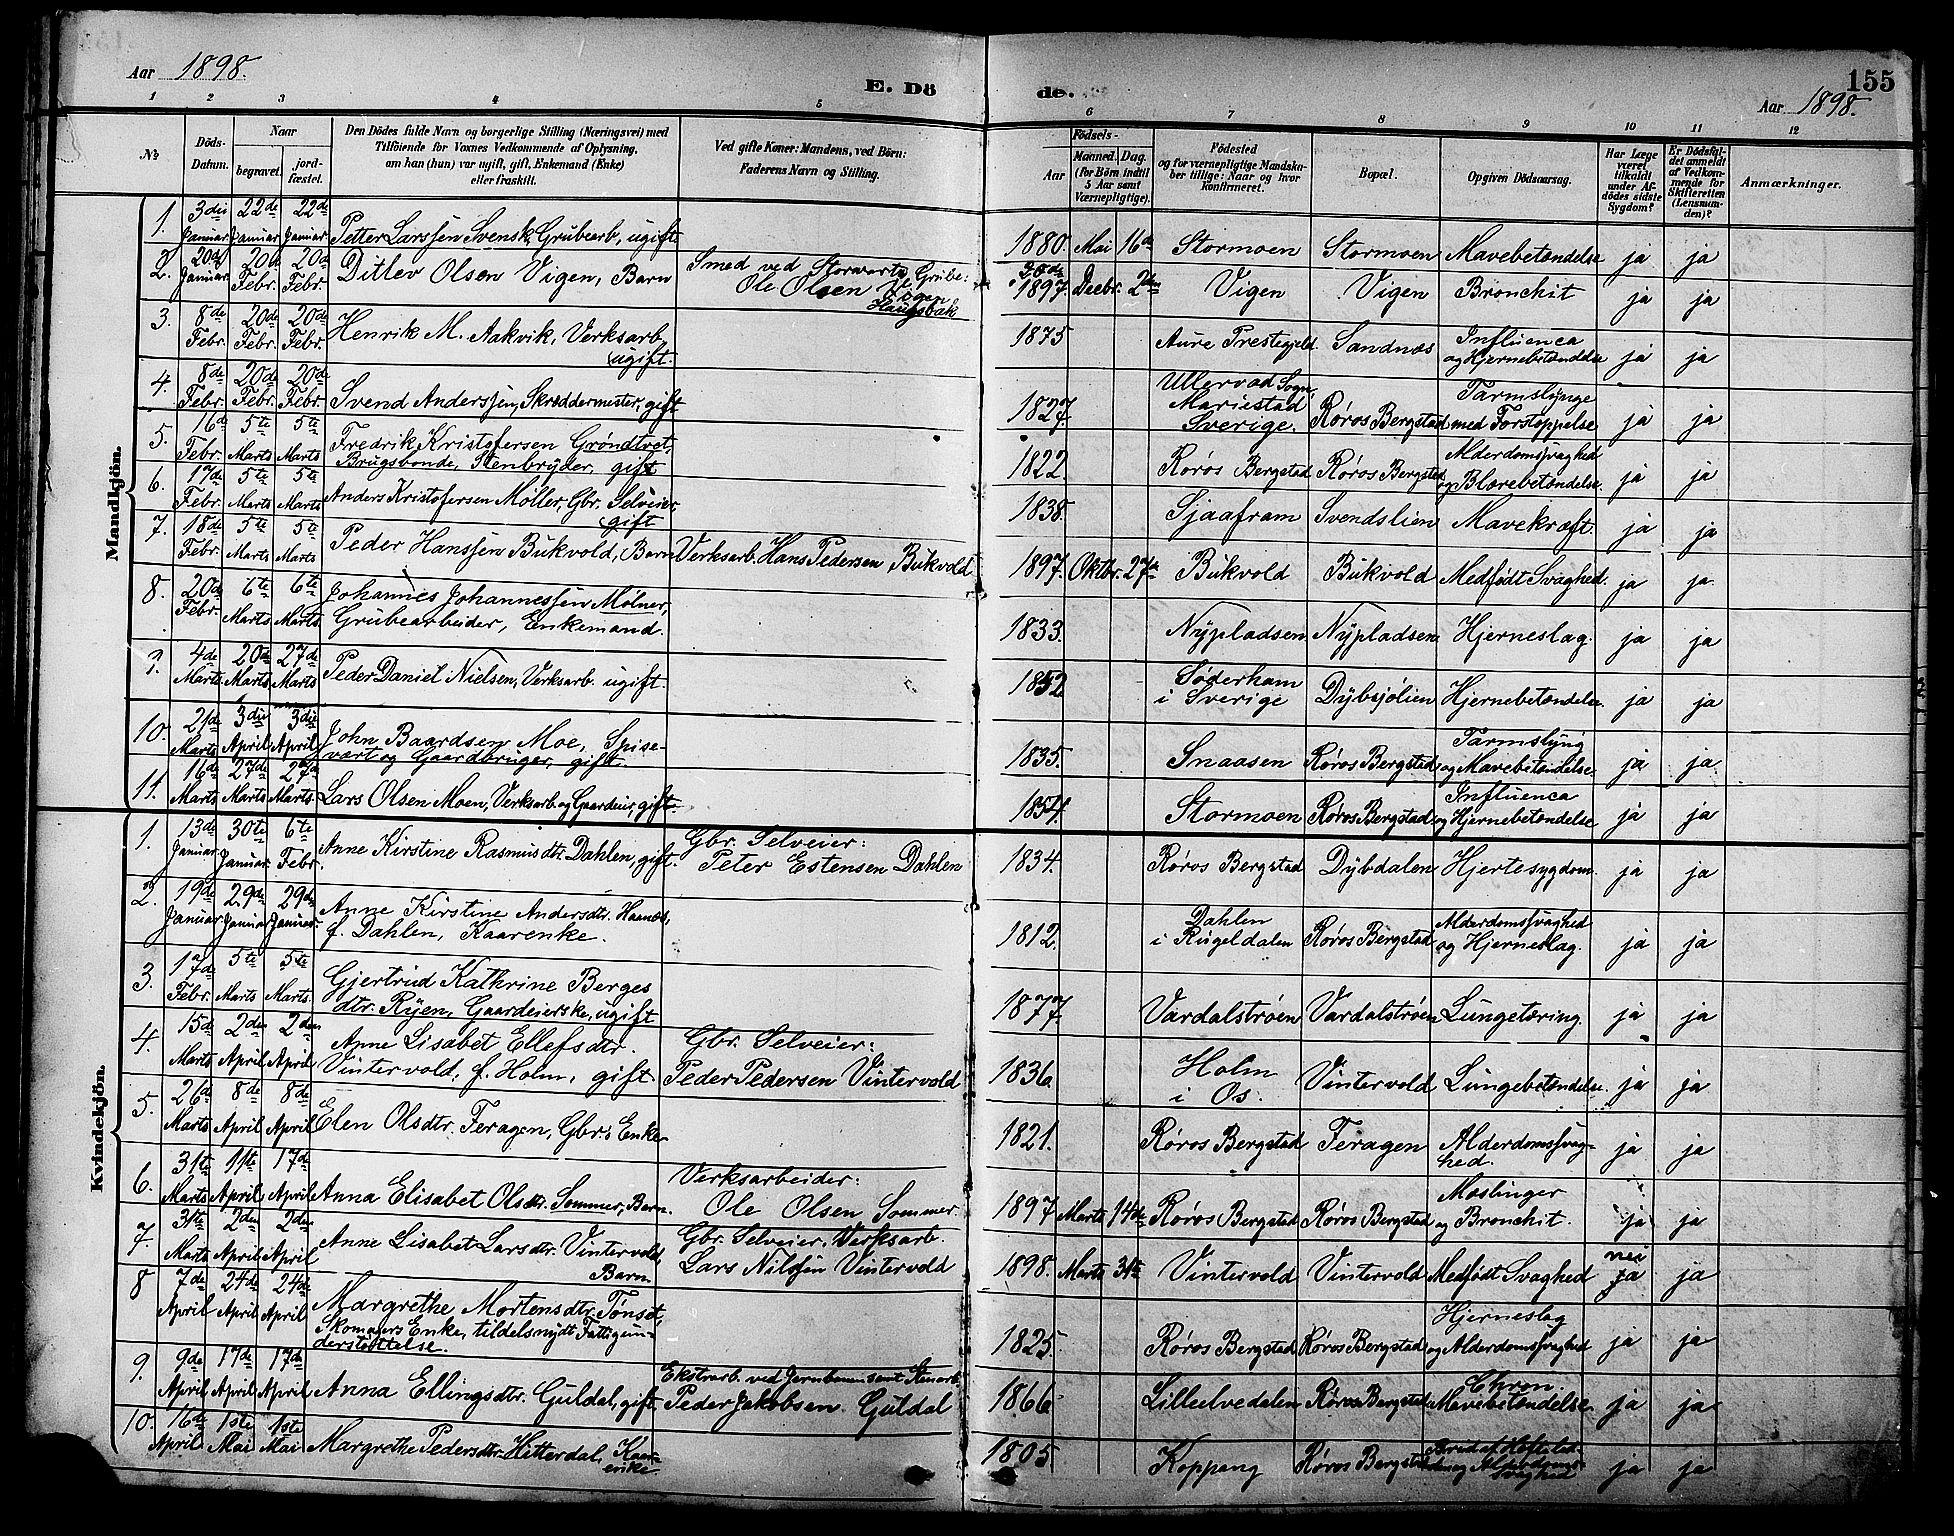 SAT, Ministerialprotokoller, klokkerbøker og fødselsregistre - Sør-Trøndelag, 681/L0941: Klokkerbok nr. 681C05, 1896-1905, s. 155